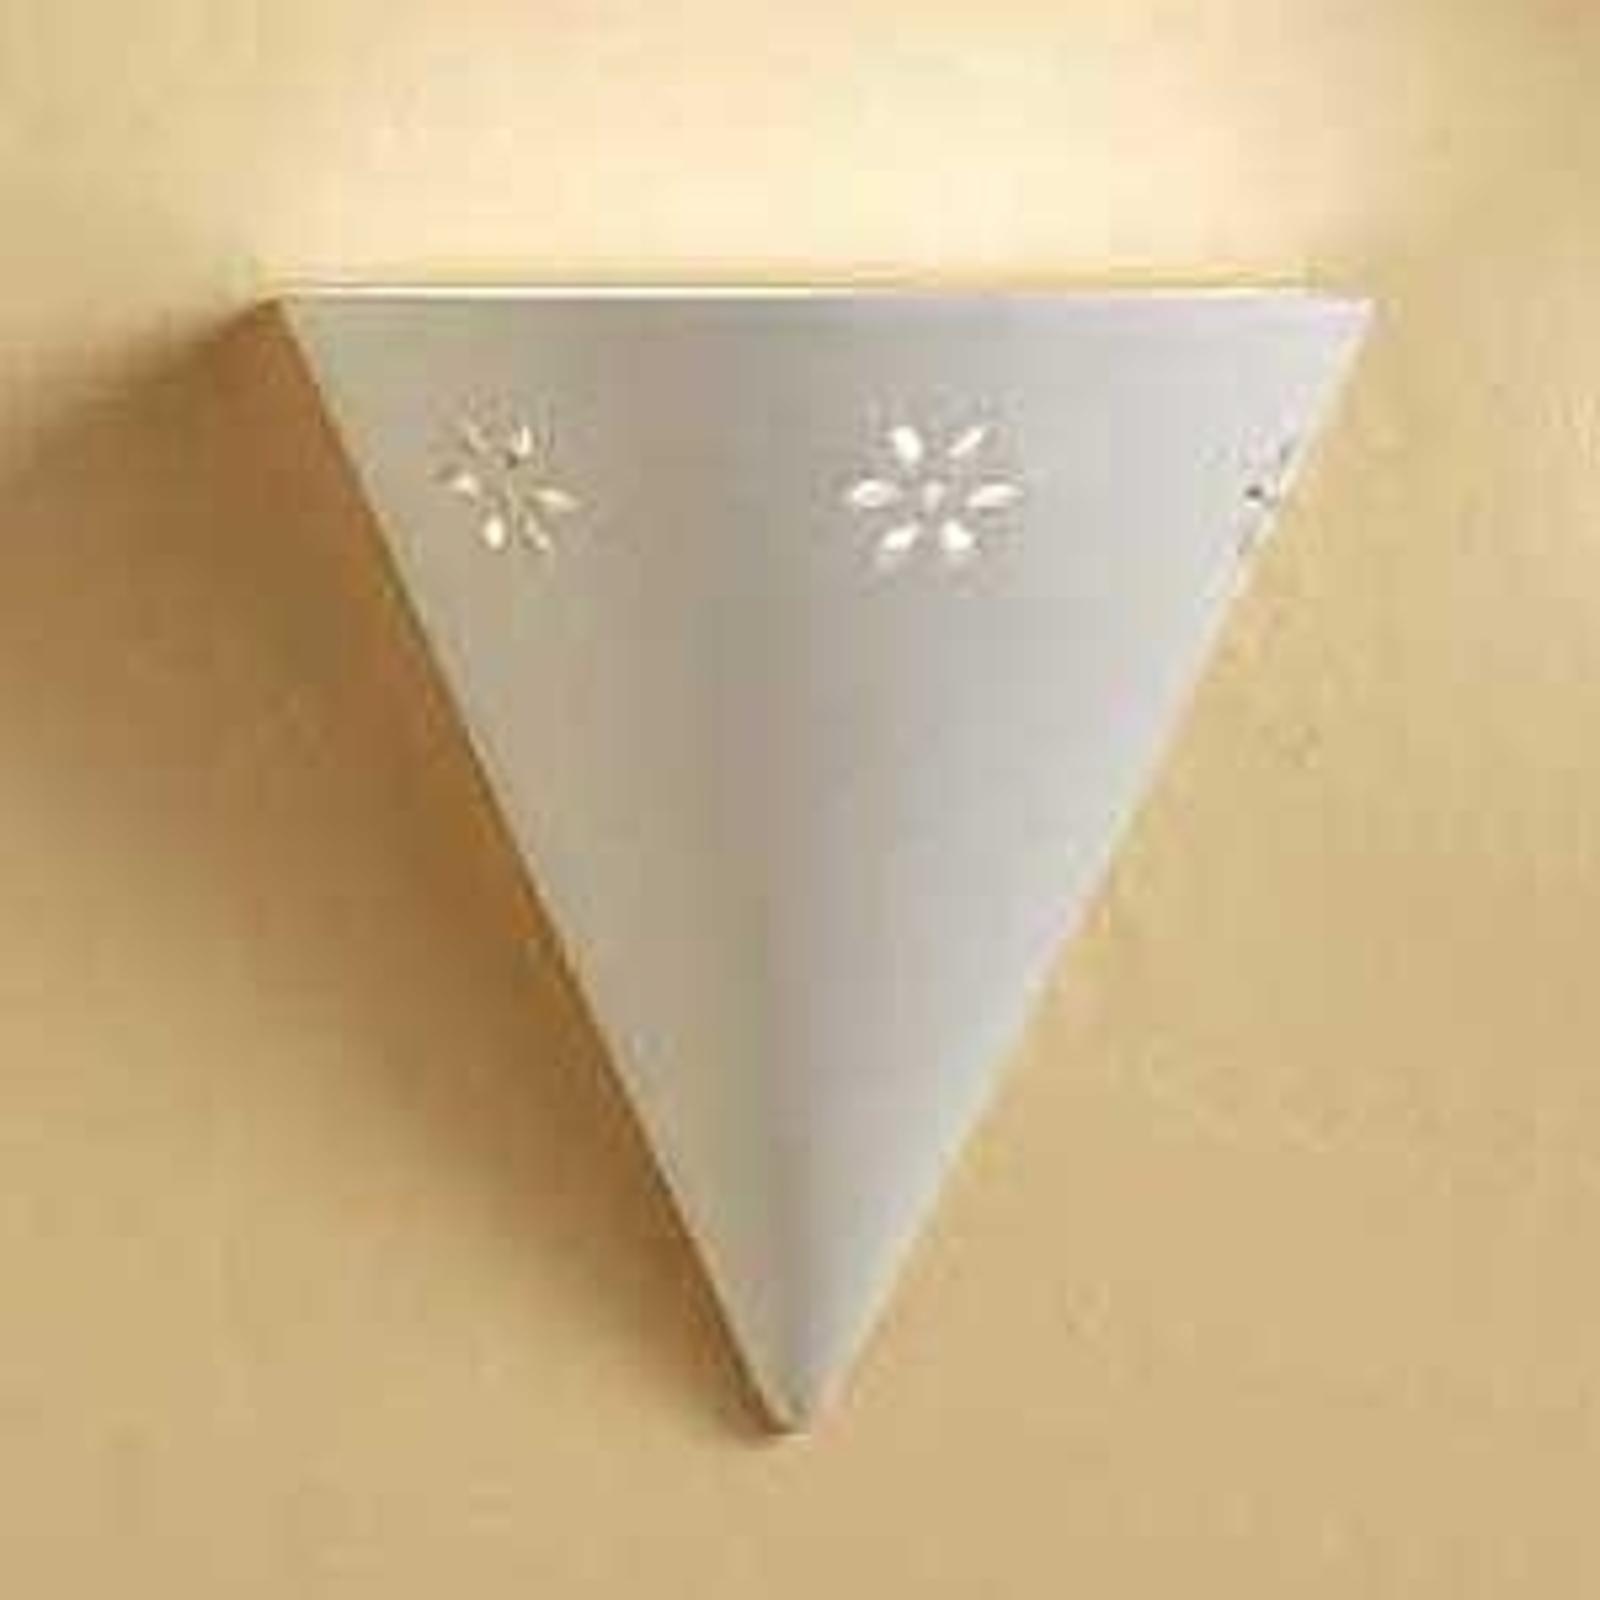 Raffinata applique Cono di ceramica bianca